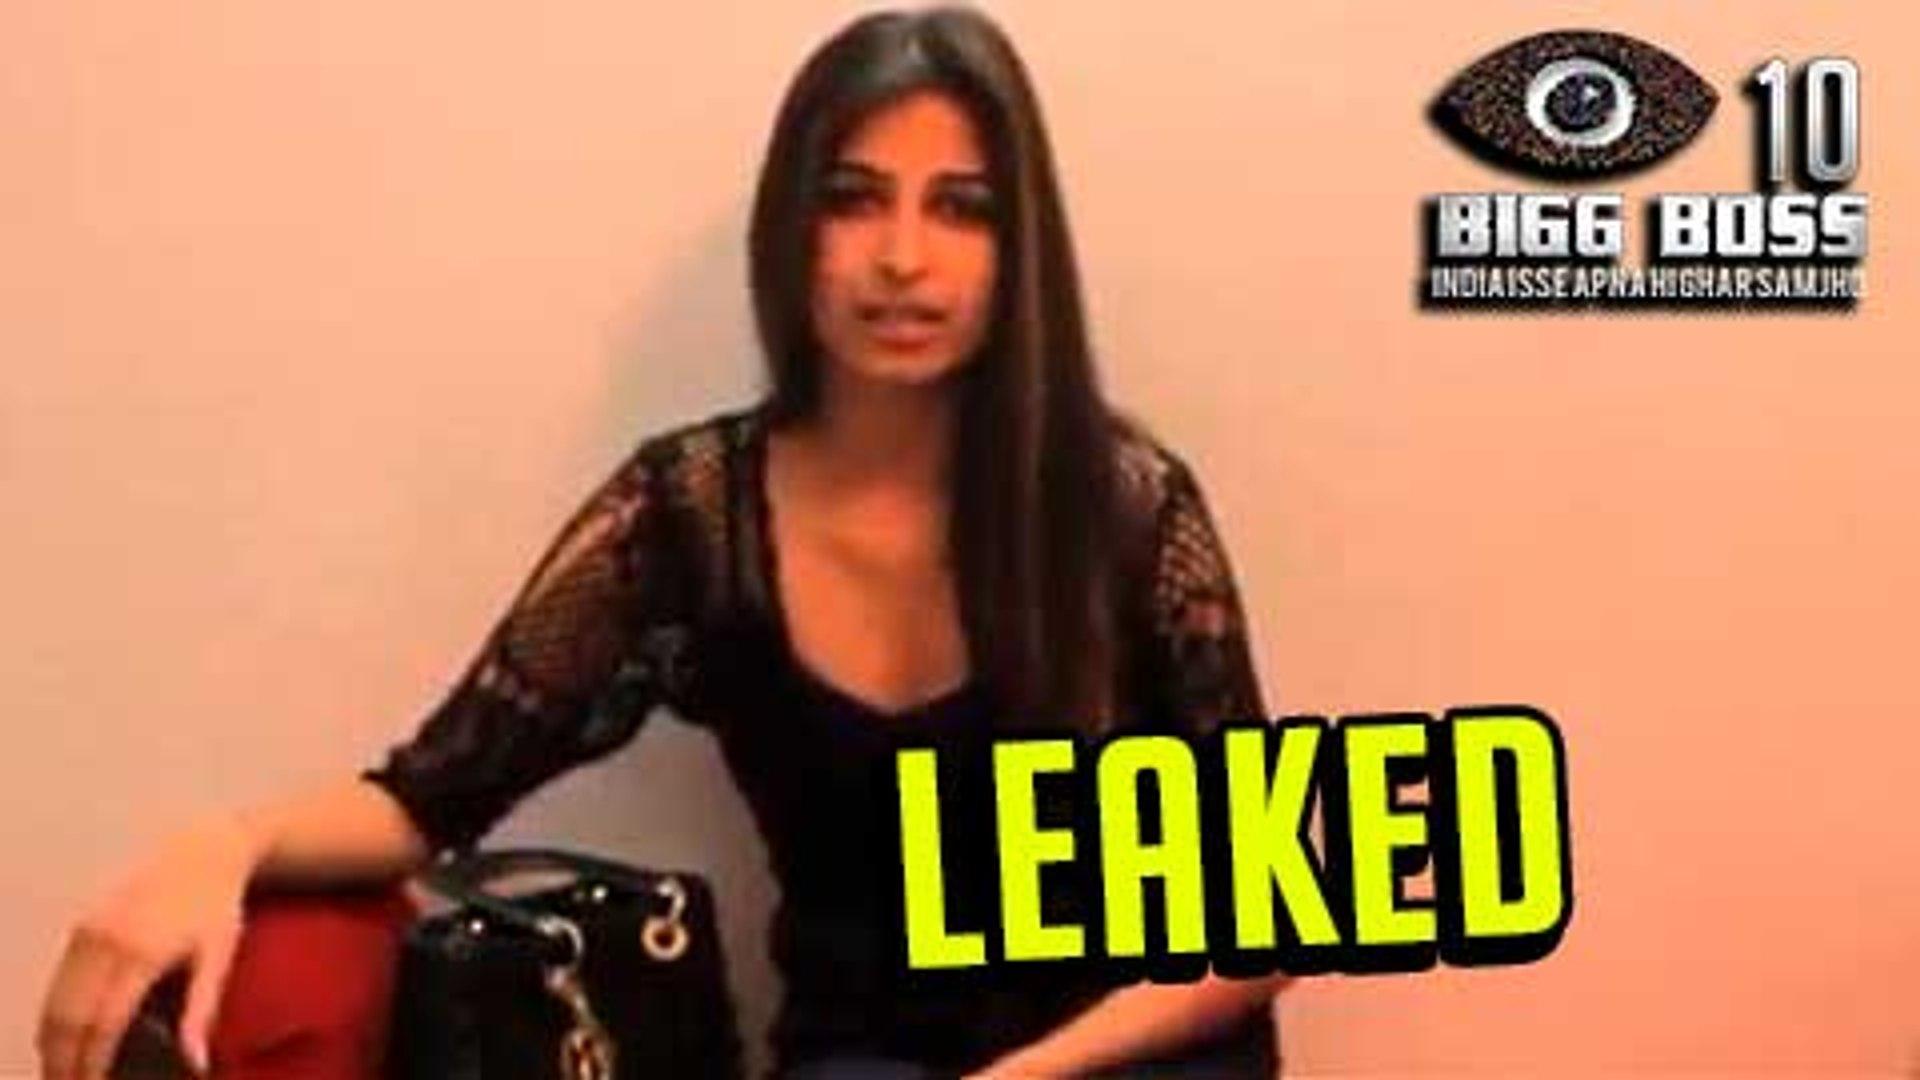 LEAKED! Priyanka Jagga Bigg Boss 10 AUDITION Clip